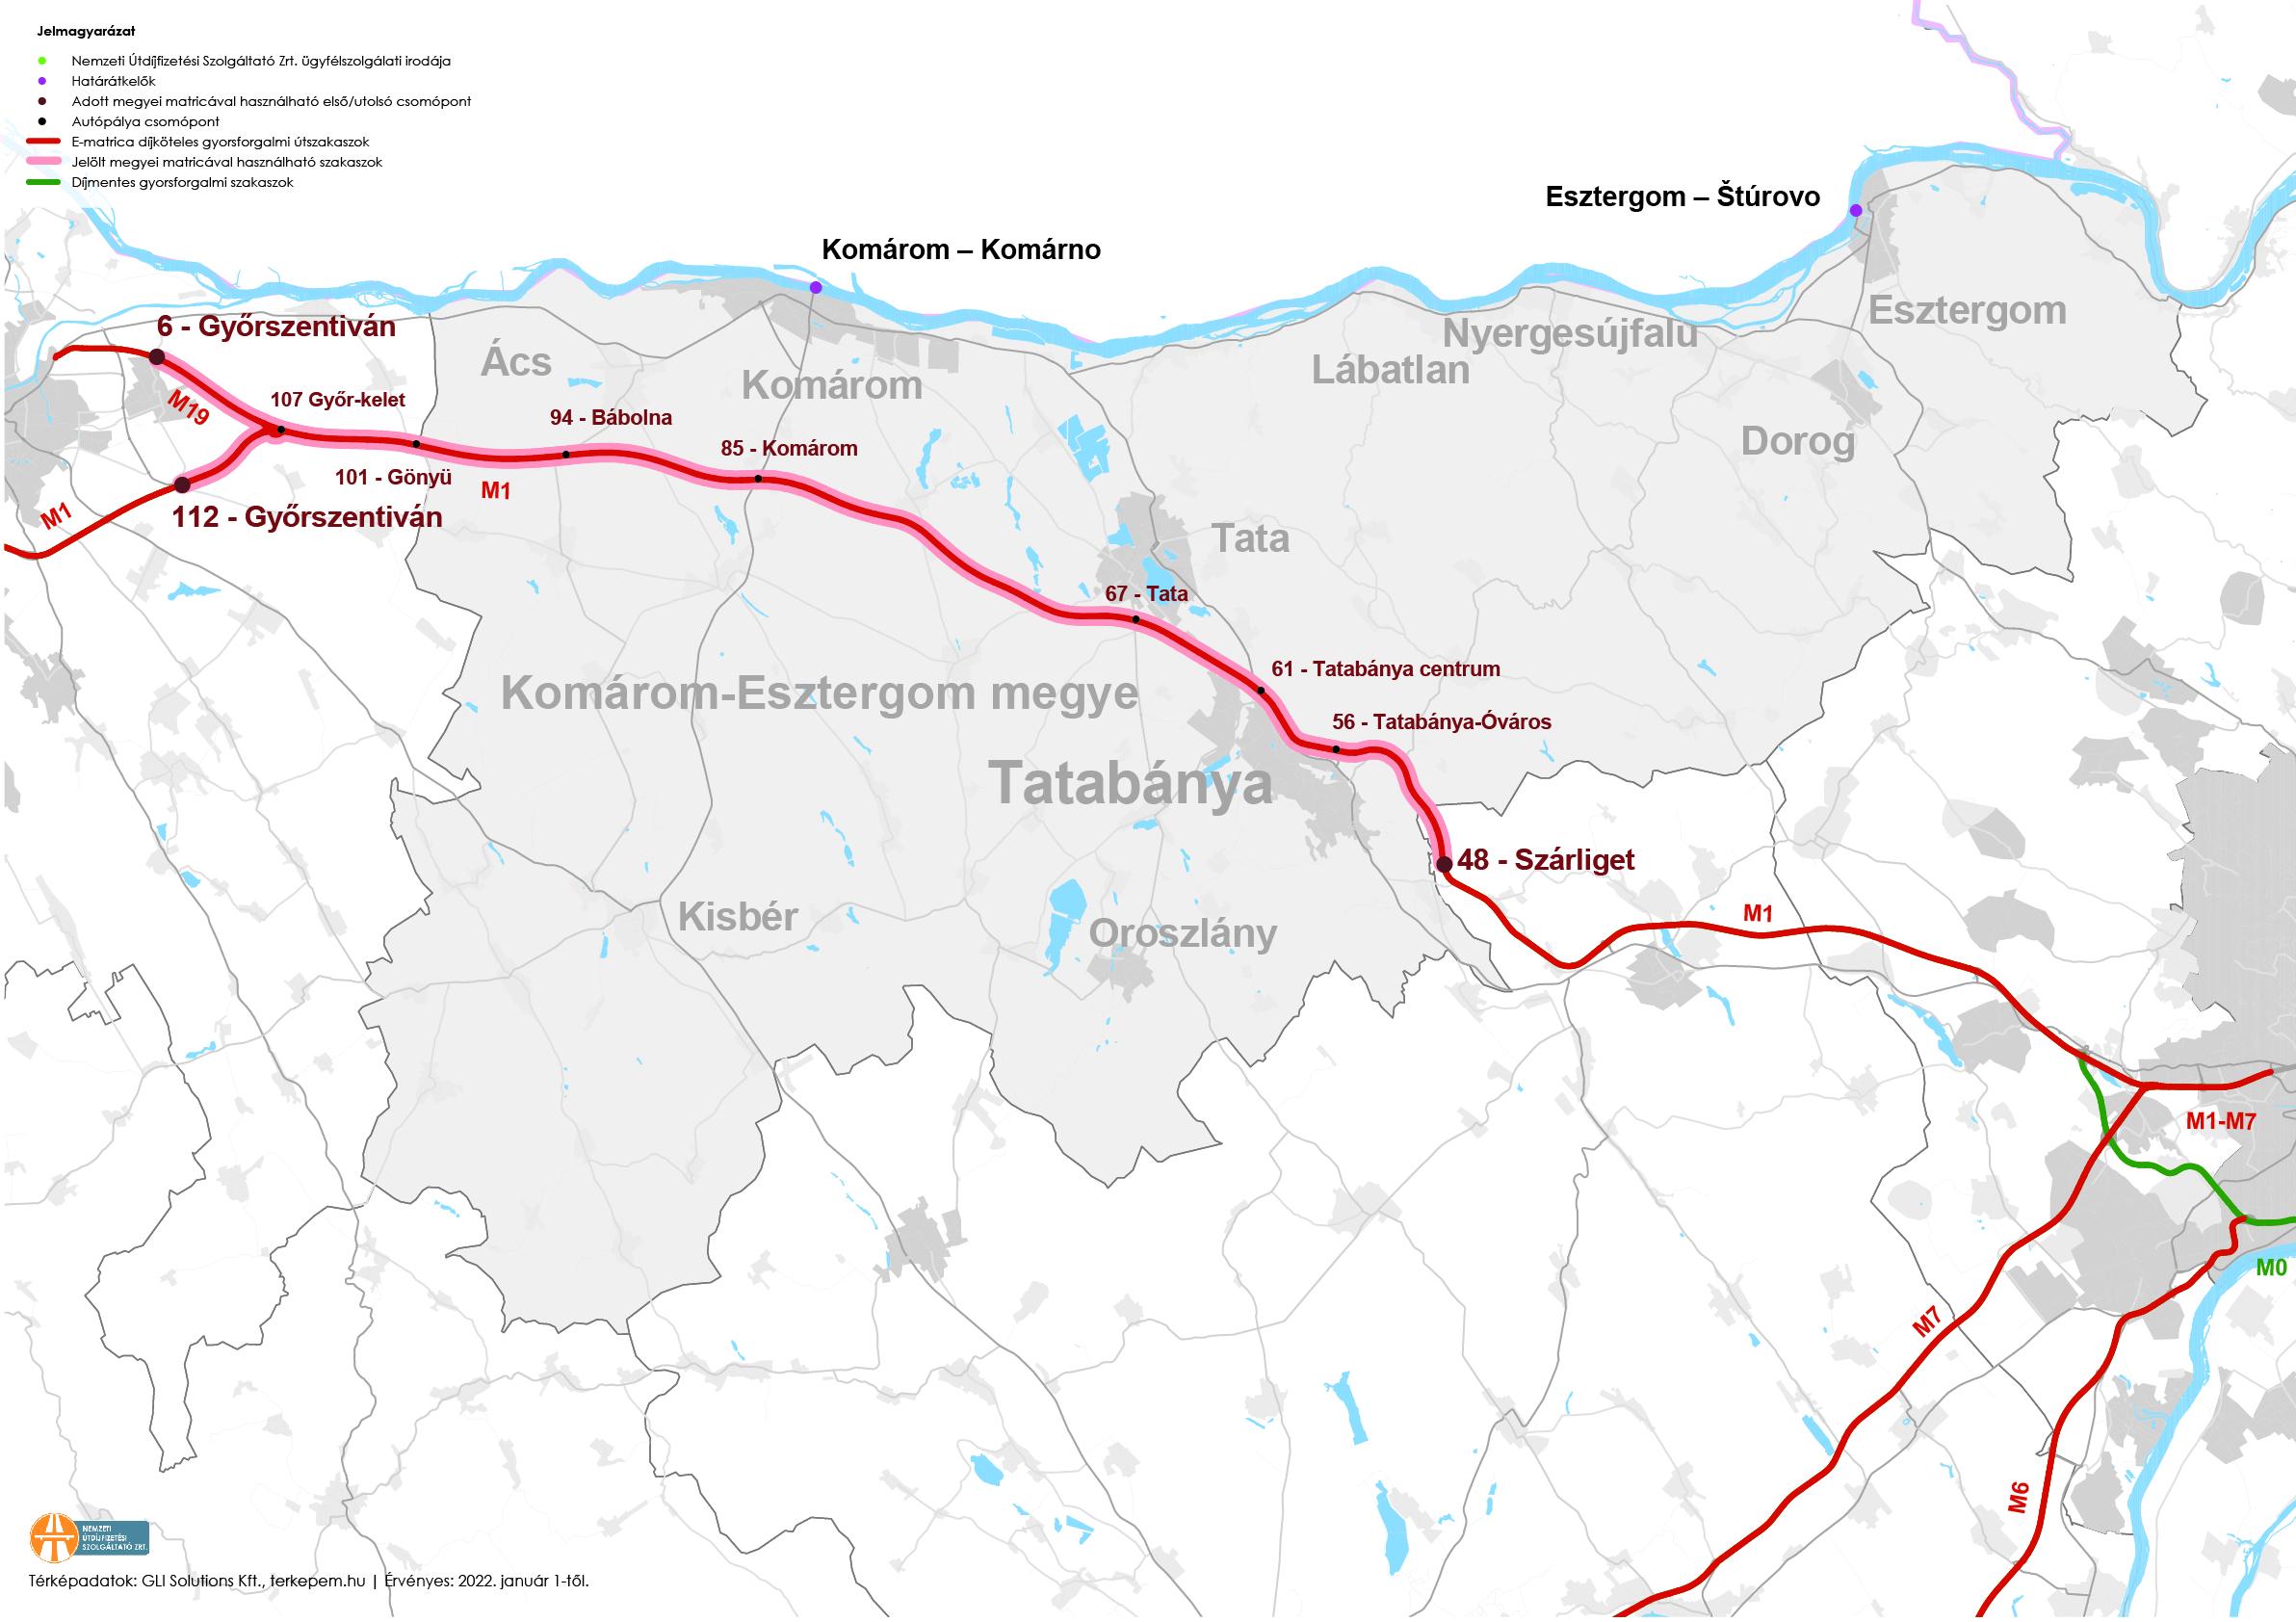 Megyei autópálya matrica határok